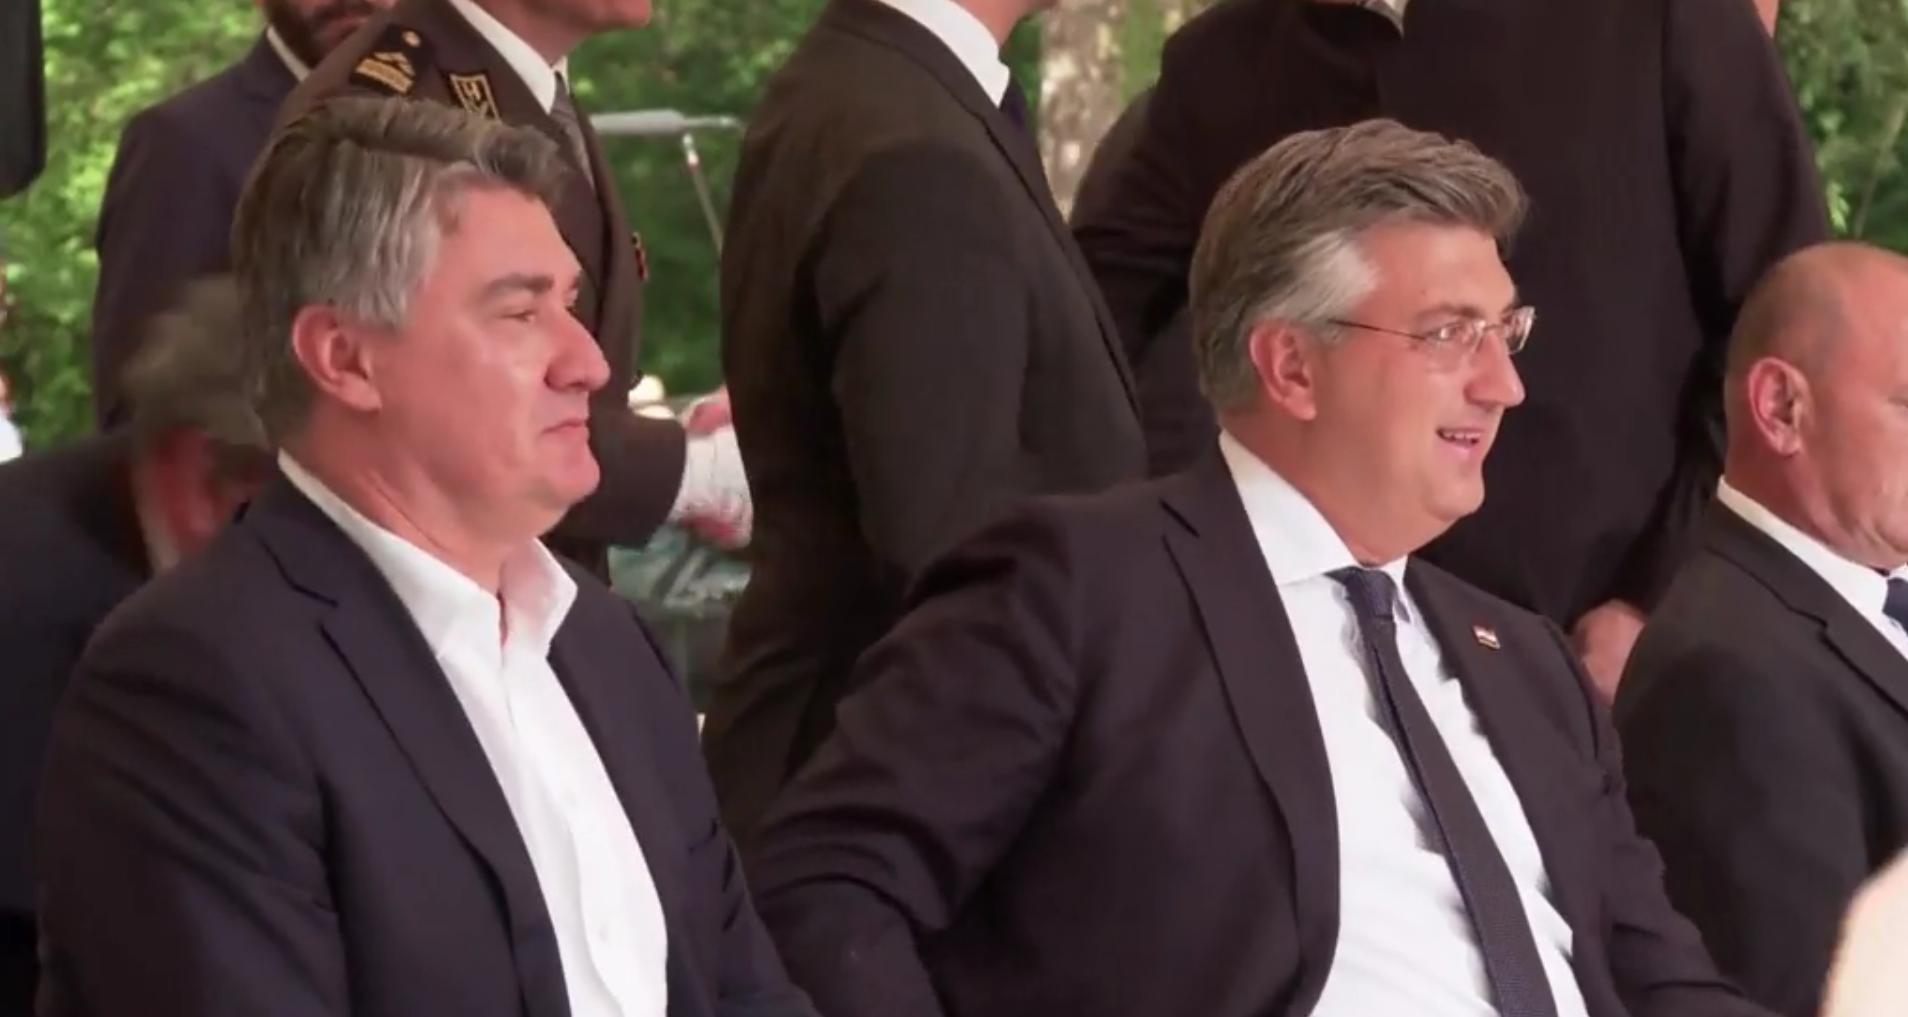 Milanović: Di ste partizani?